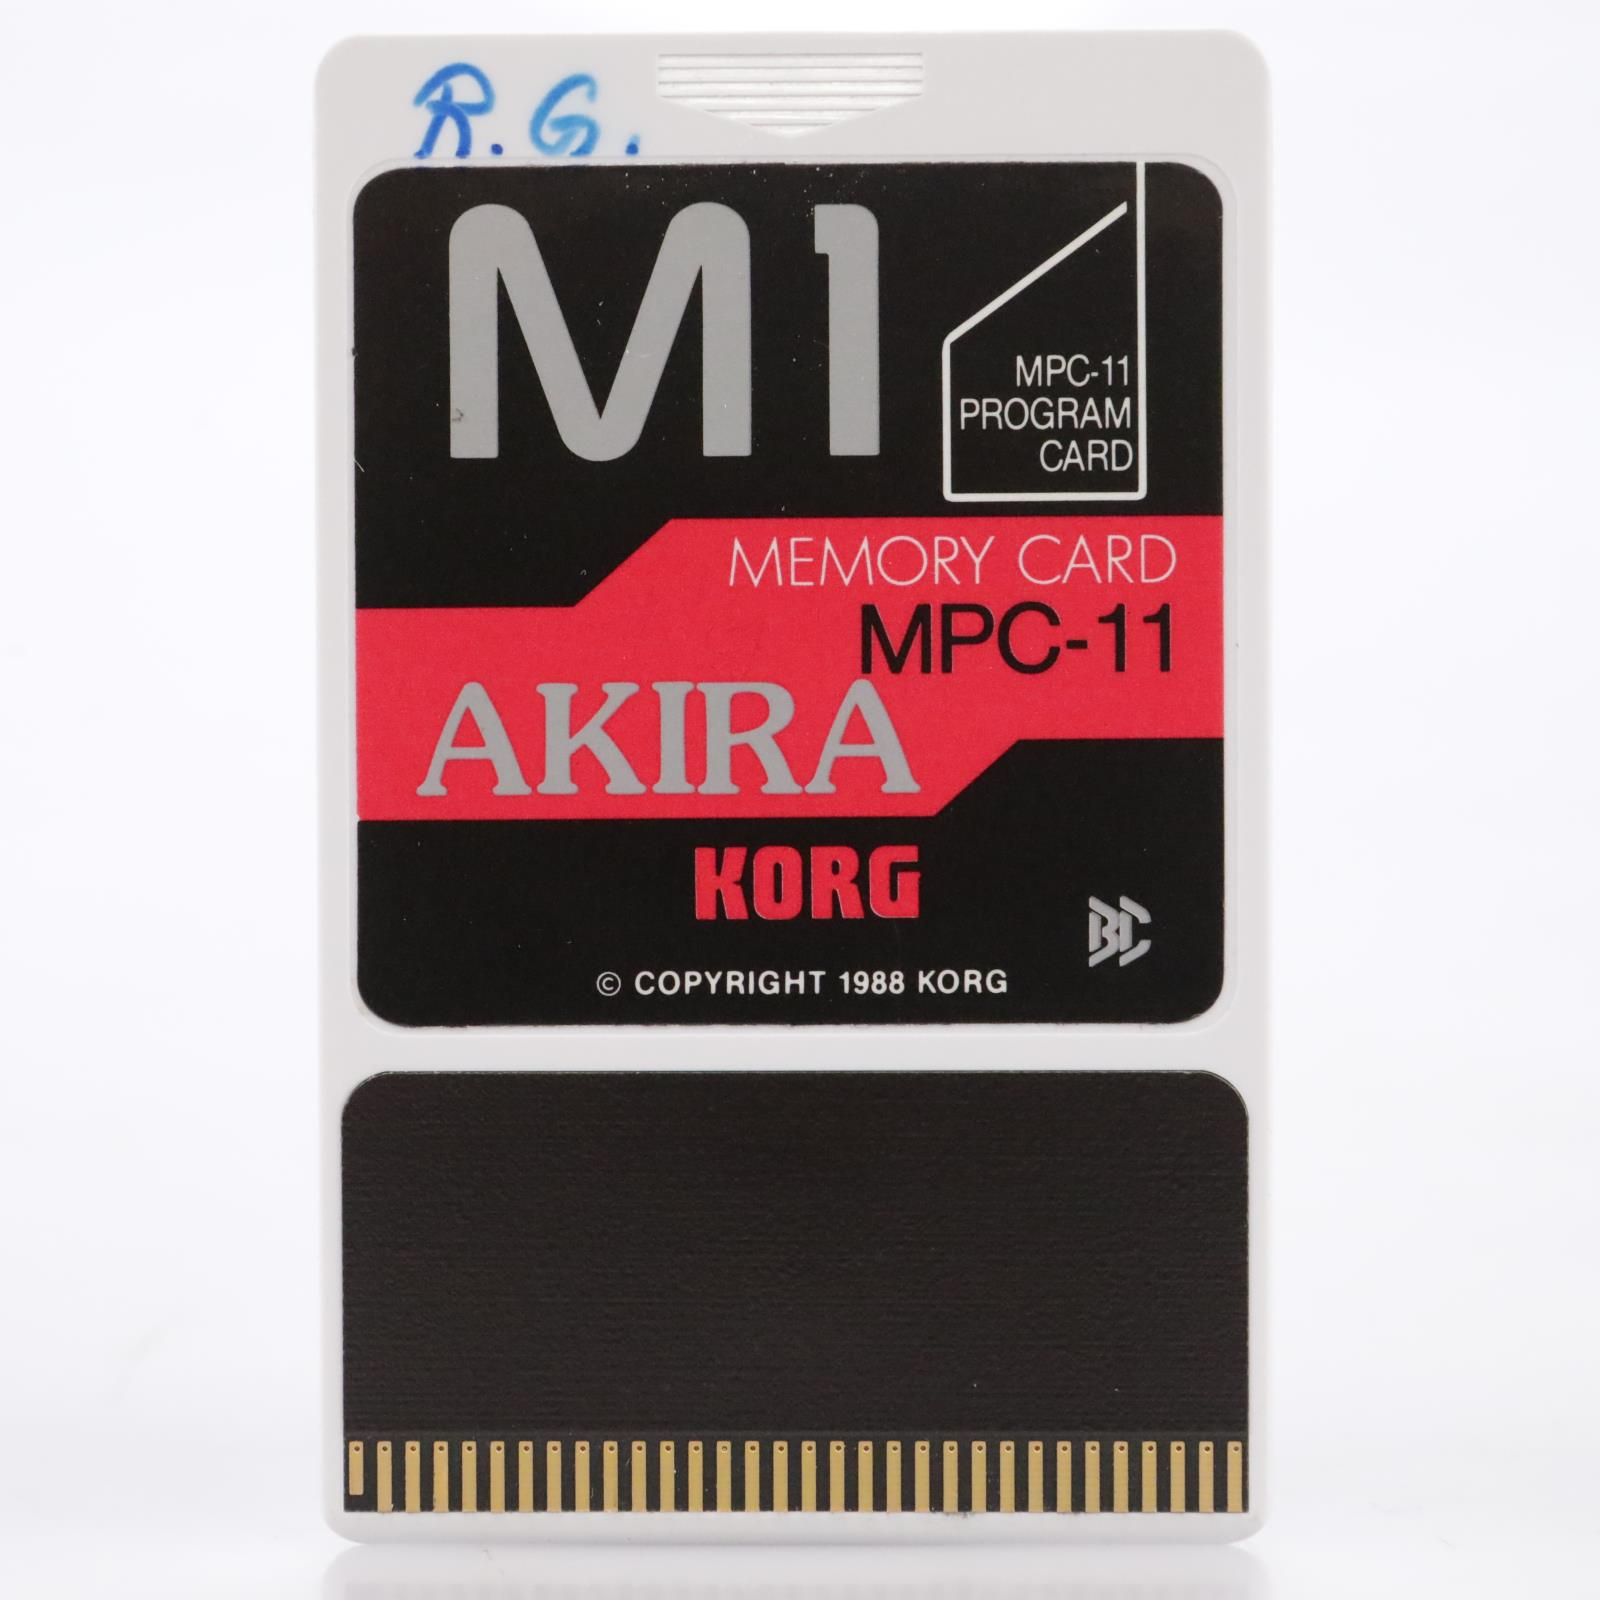 Korg MPC-11 Akira Memory Program Sound Card for the Korg M1 #44187